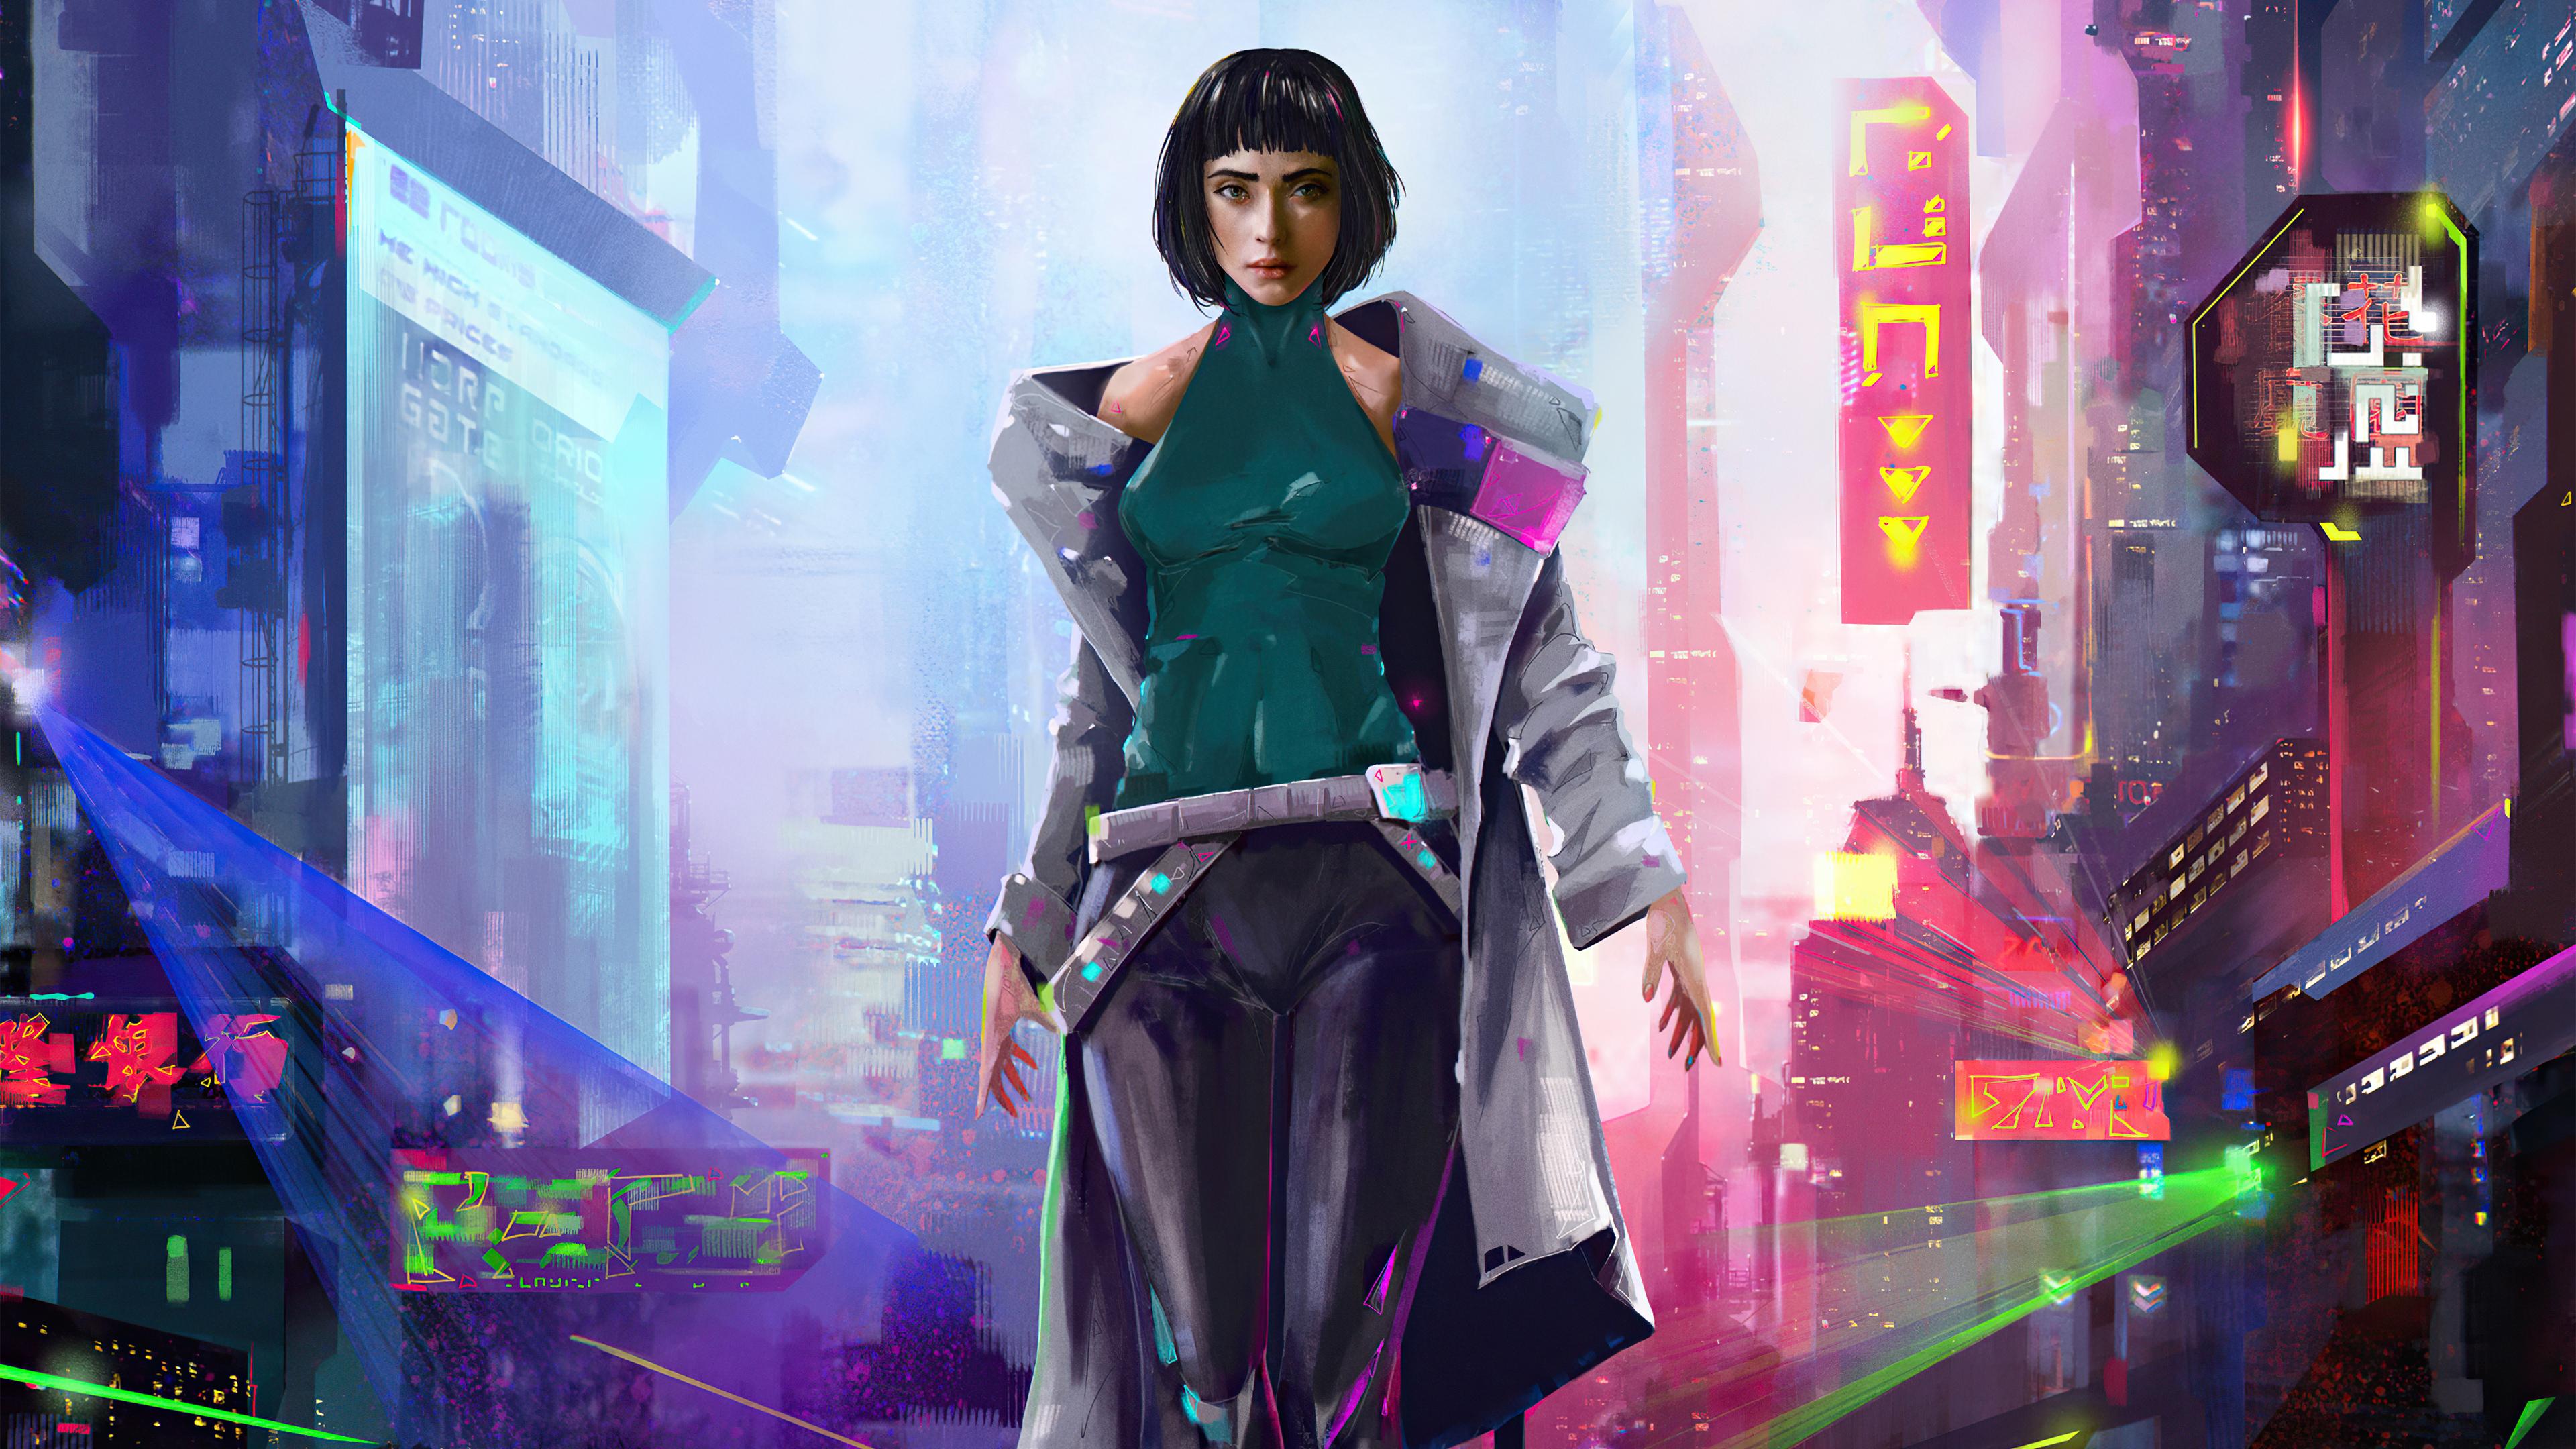 Wallpaper Girl with short hair Cyberpunk